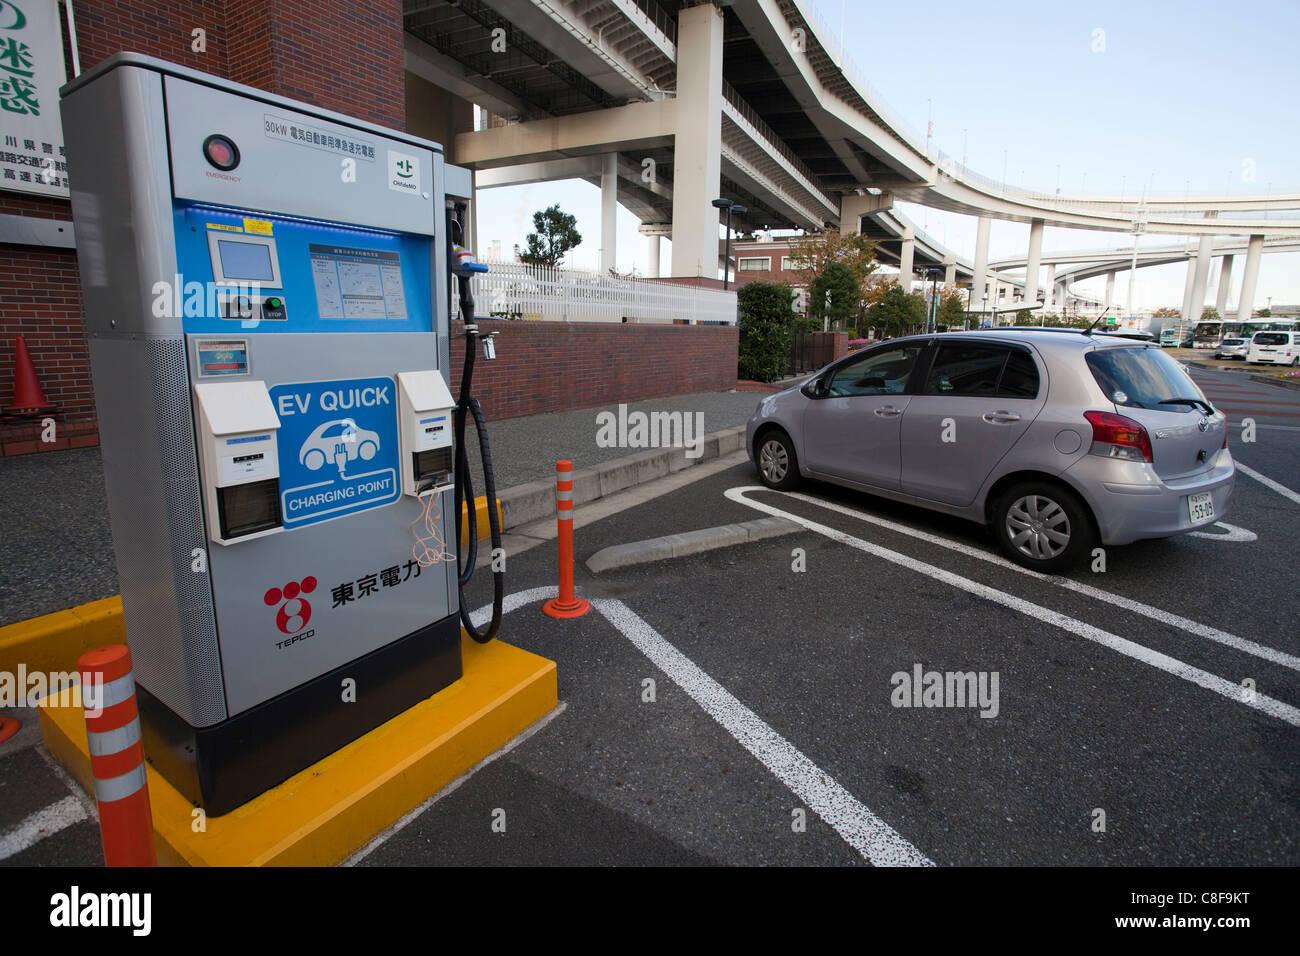 Yokohama, la ciudad, la estación de gasolina, el coche, el automóvil, la electricidad, el coche eléctrico, Imagen De Stock